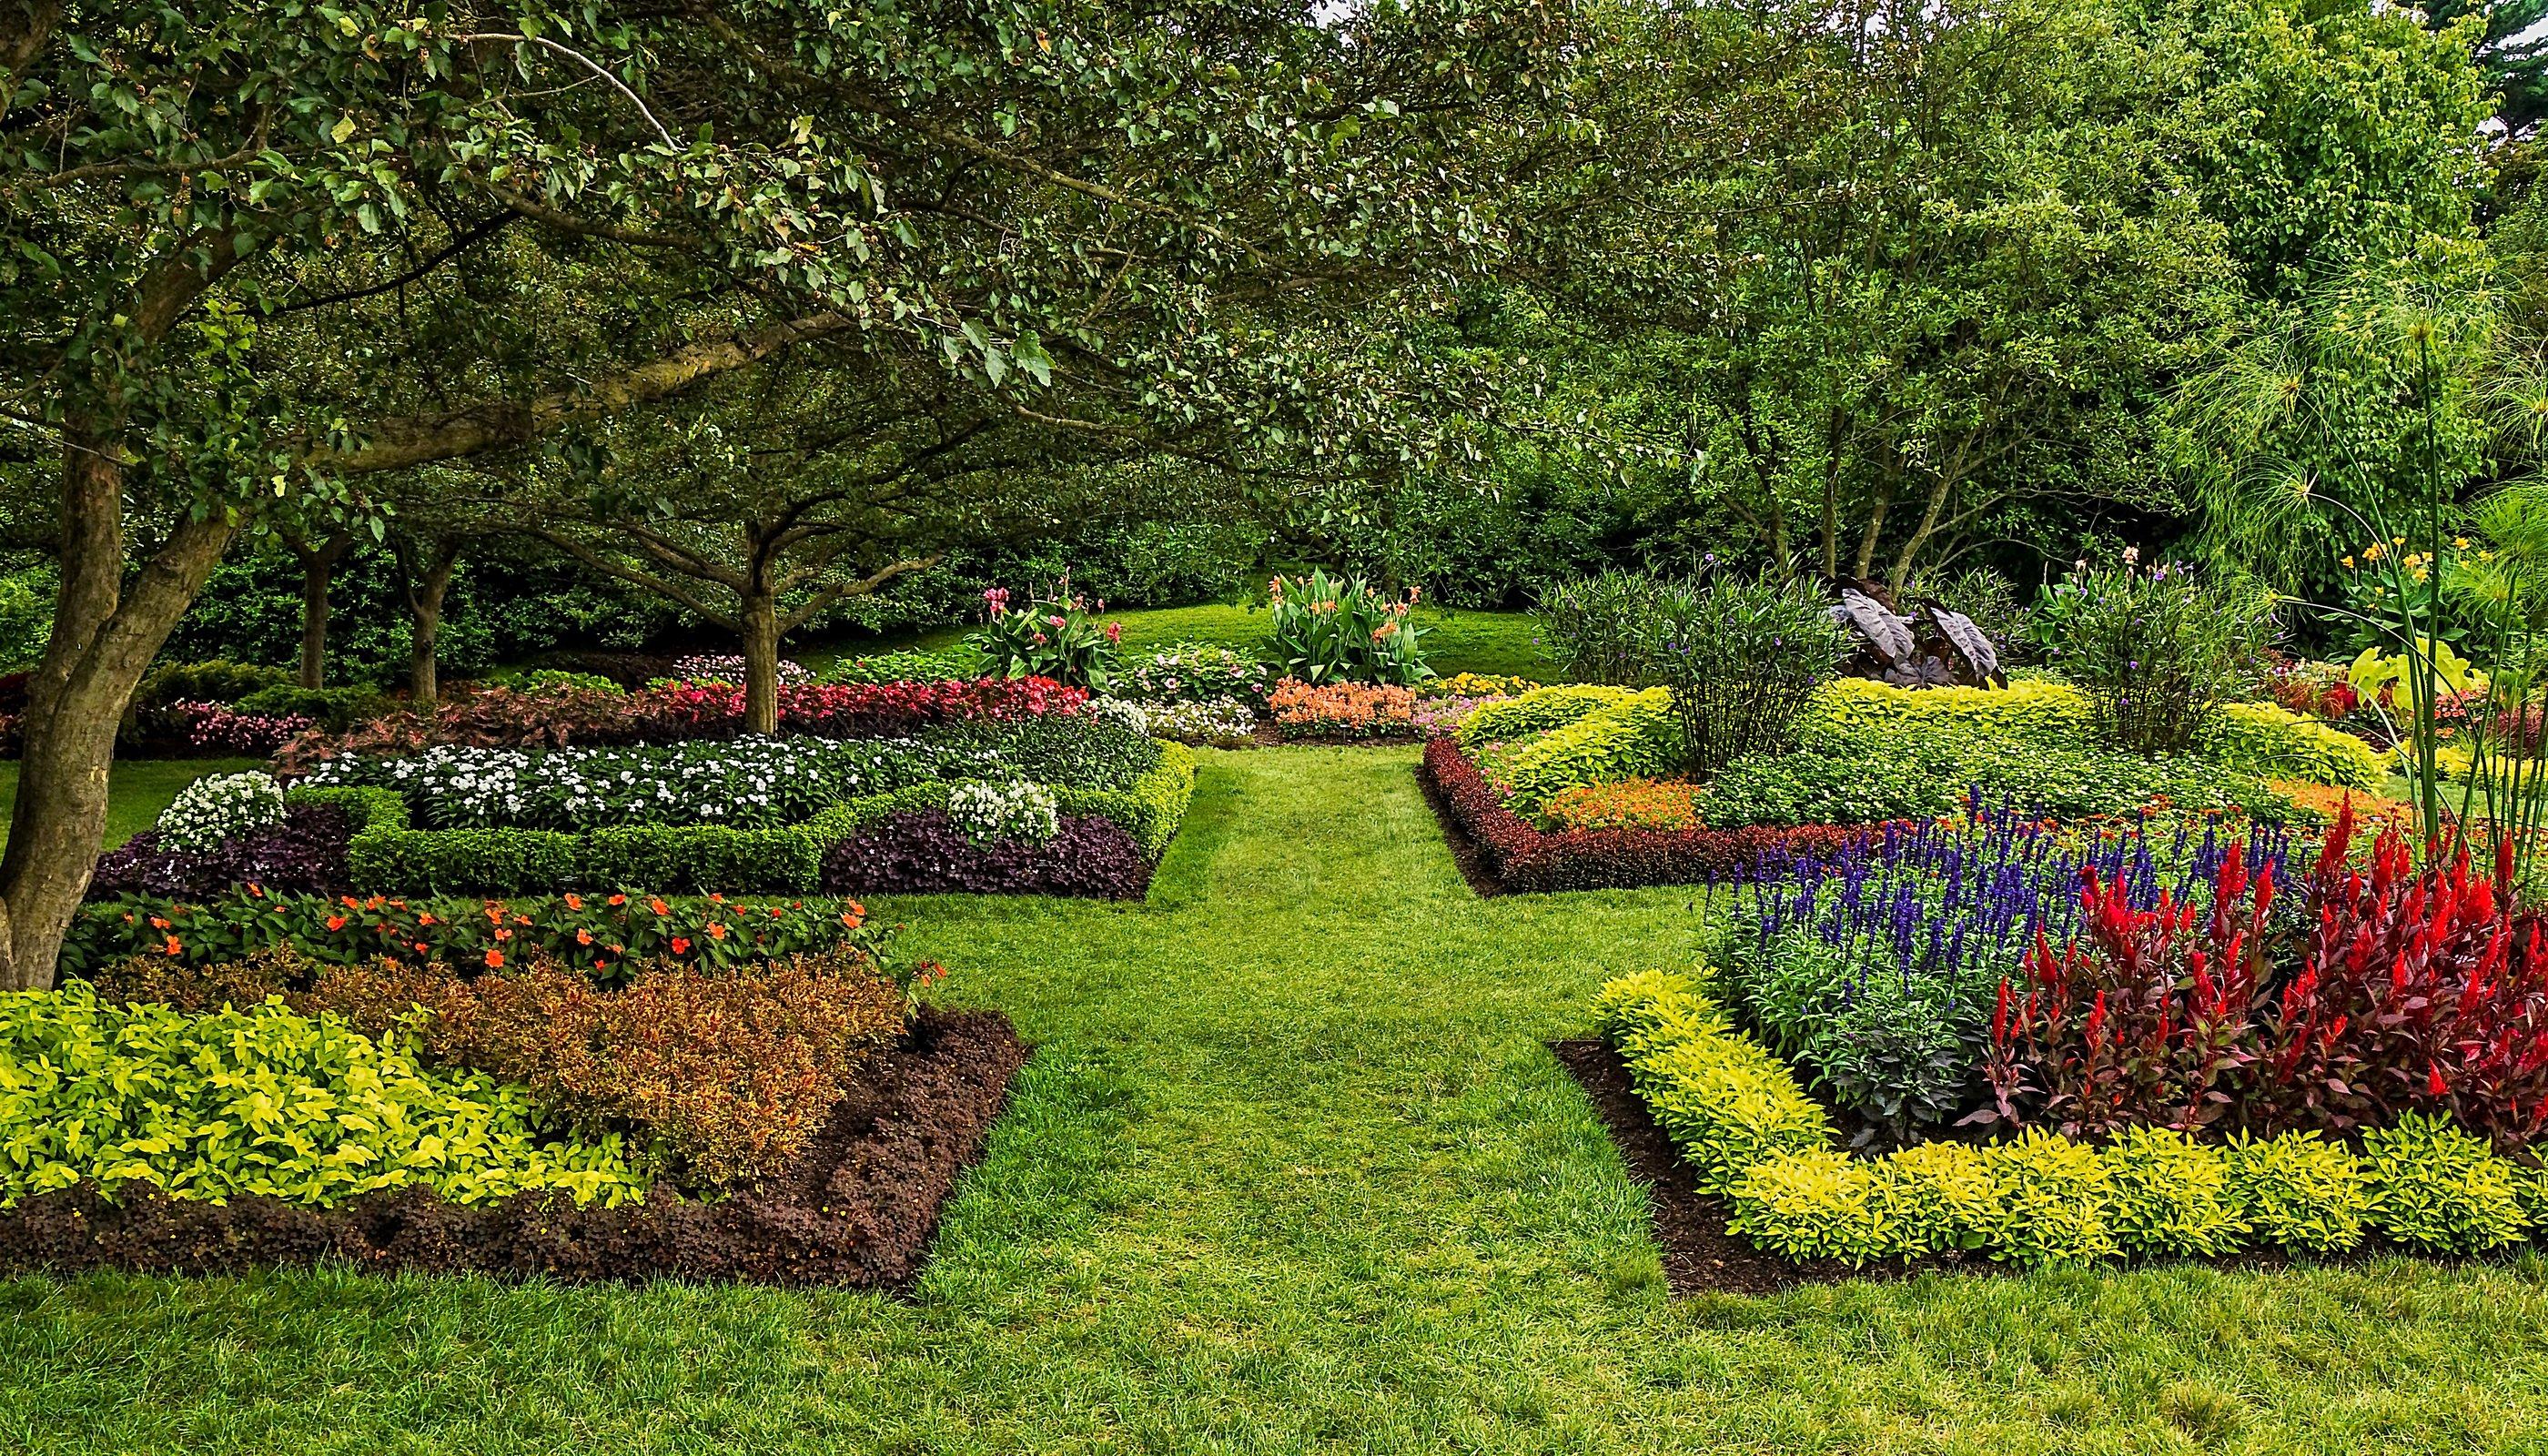 USA Garden Longwood Kennett Square Lawn Shrubs Grass Nature Wallpaper |  2800x1600 | 599330 | WallpaperUP